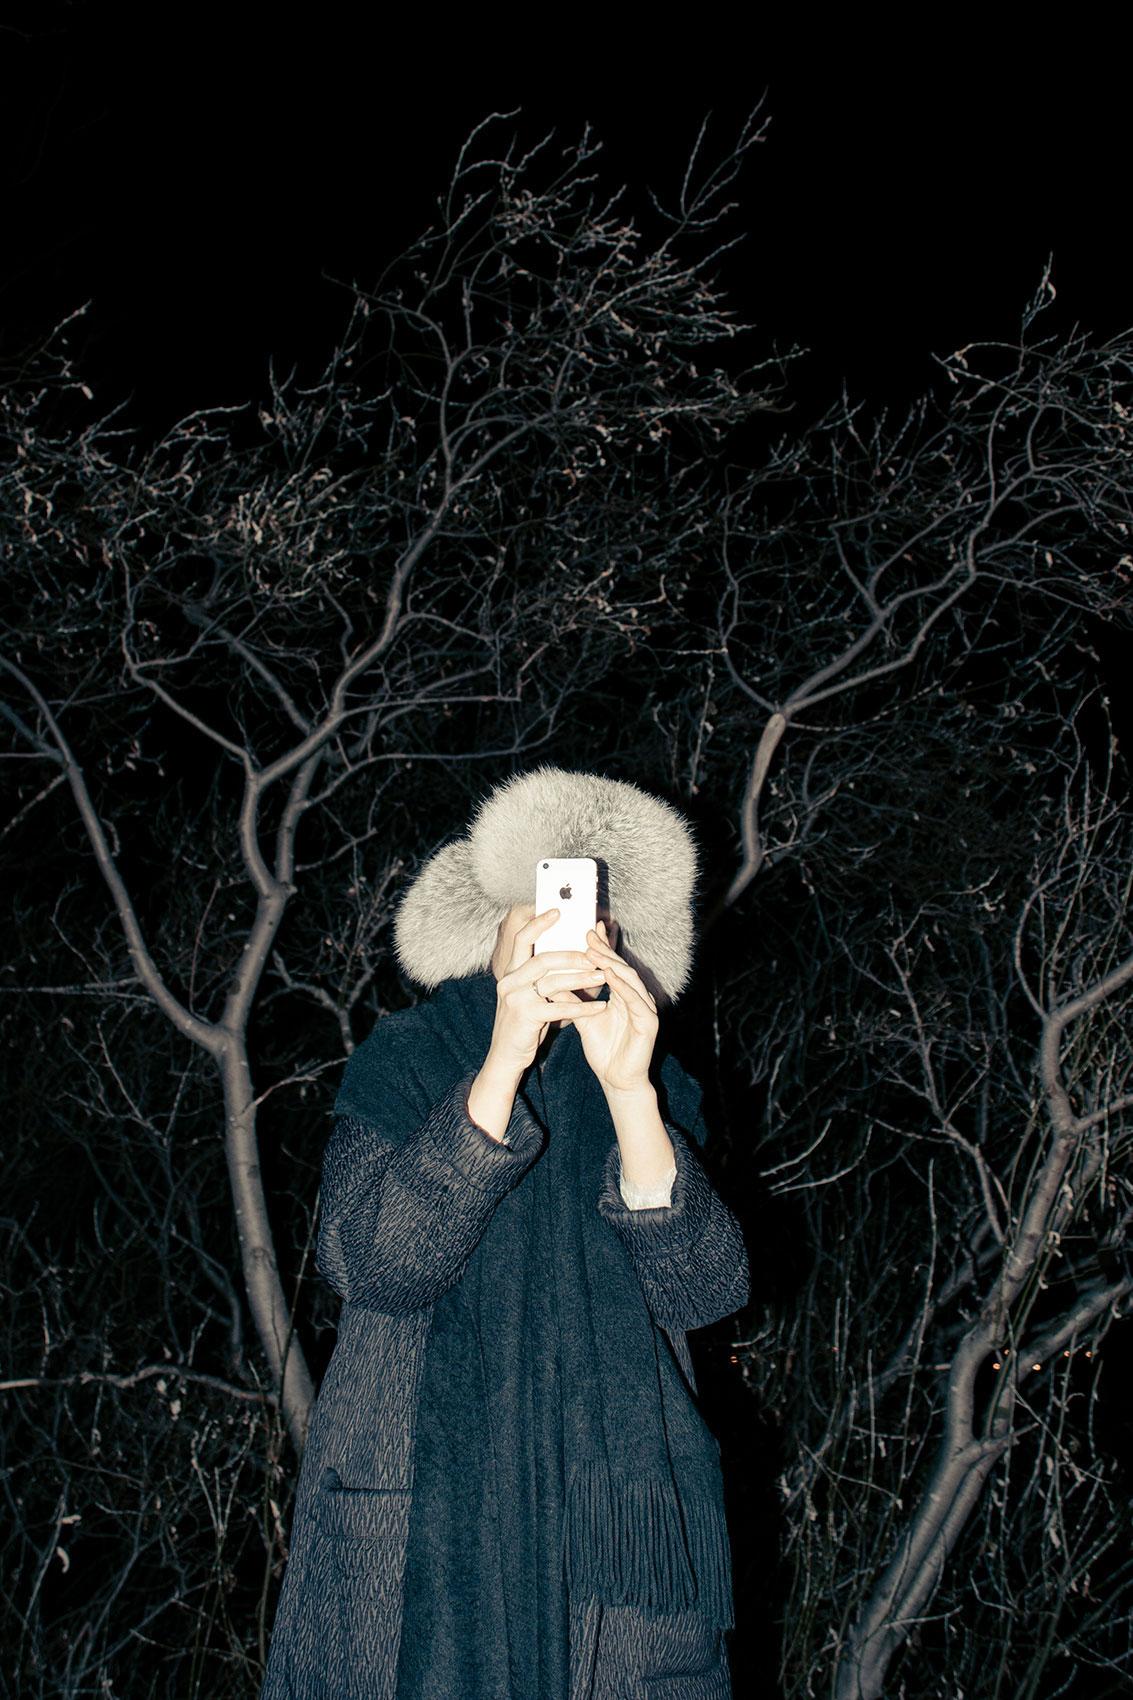 Kobieta w ciemnościach trzyma telefon przy twarzy.